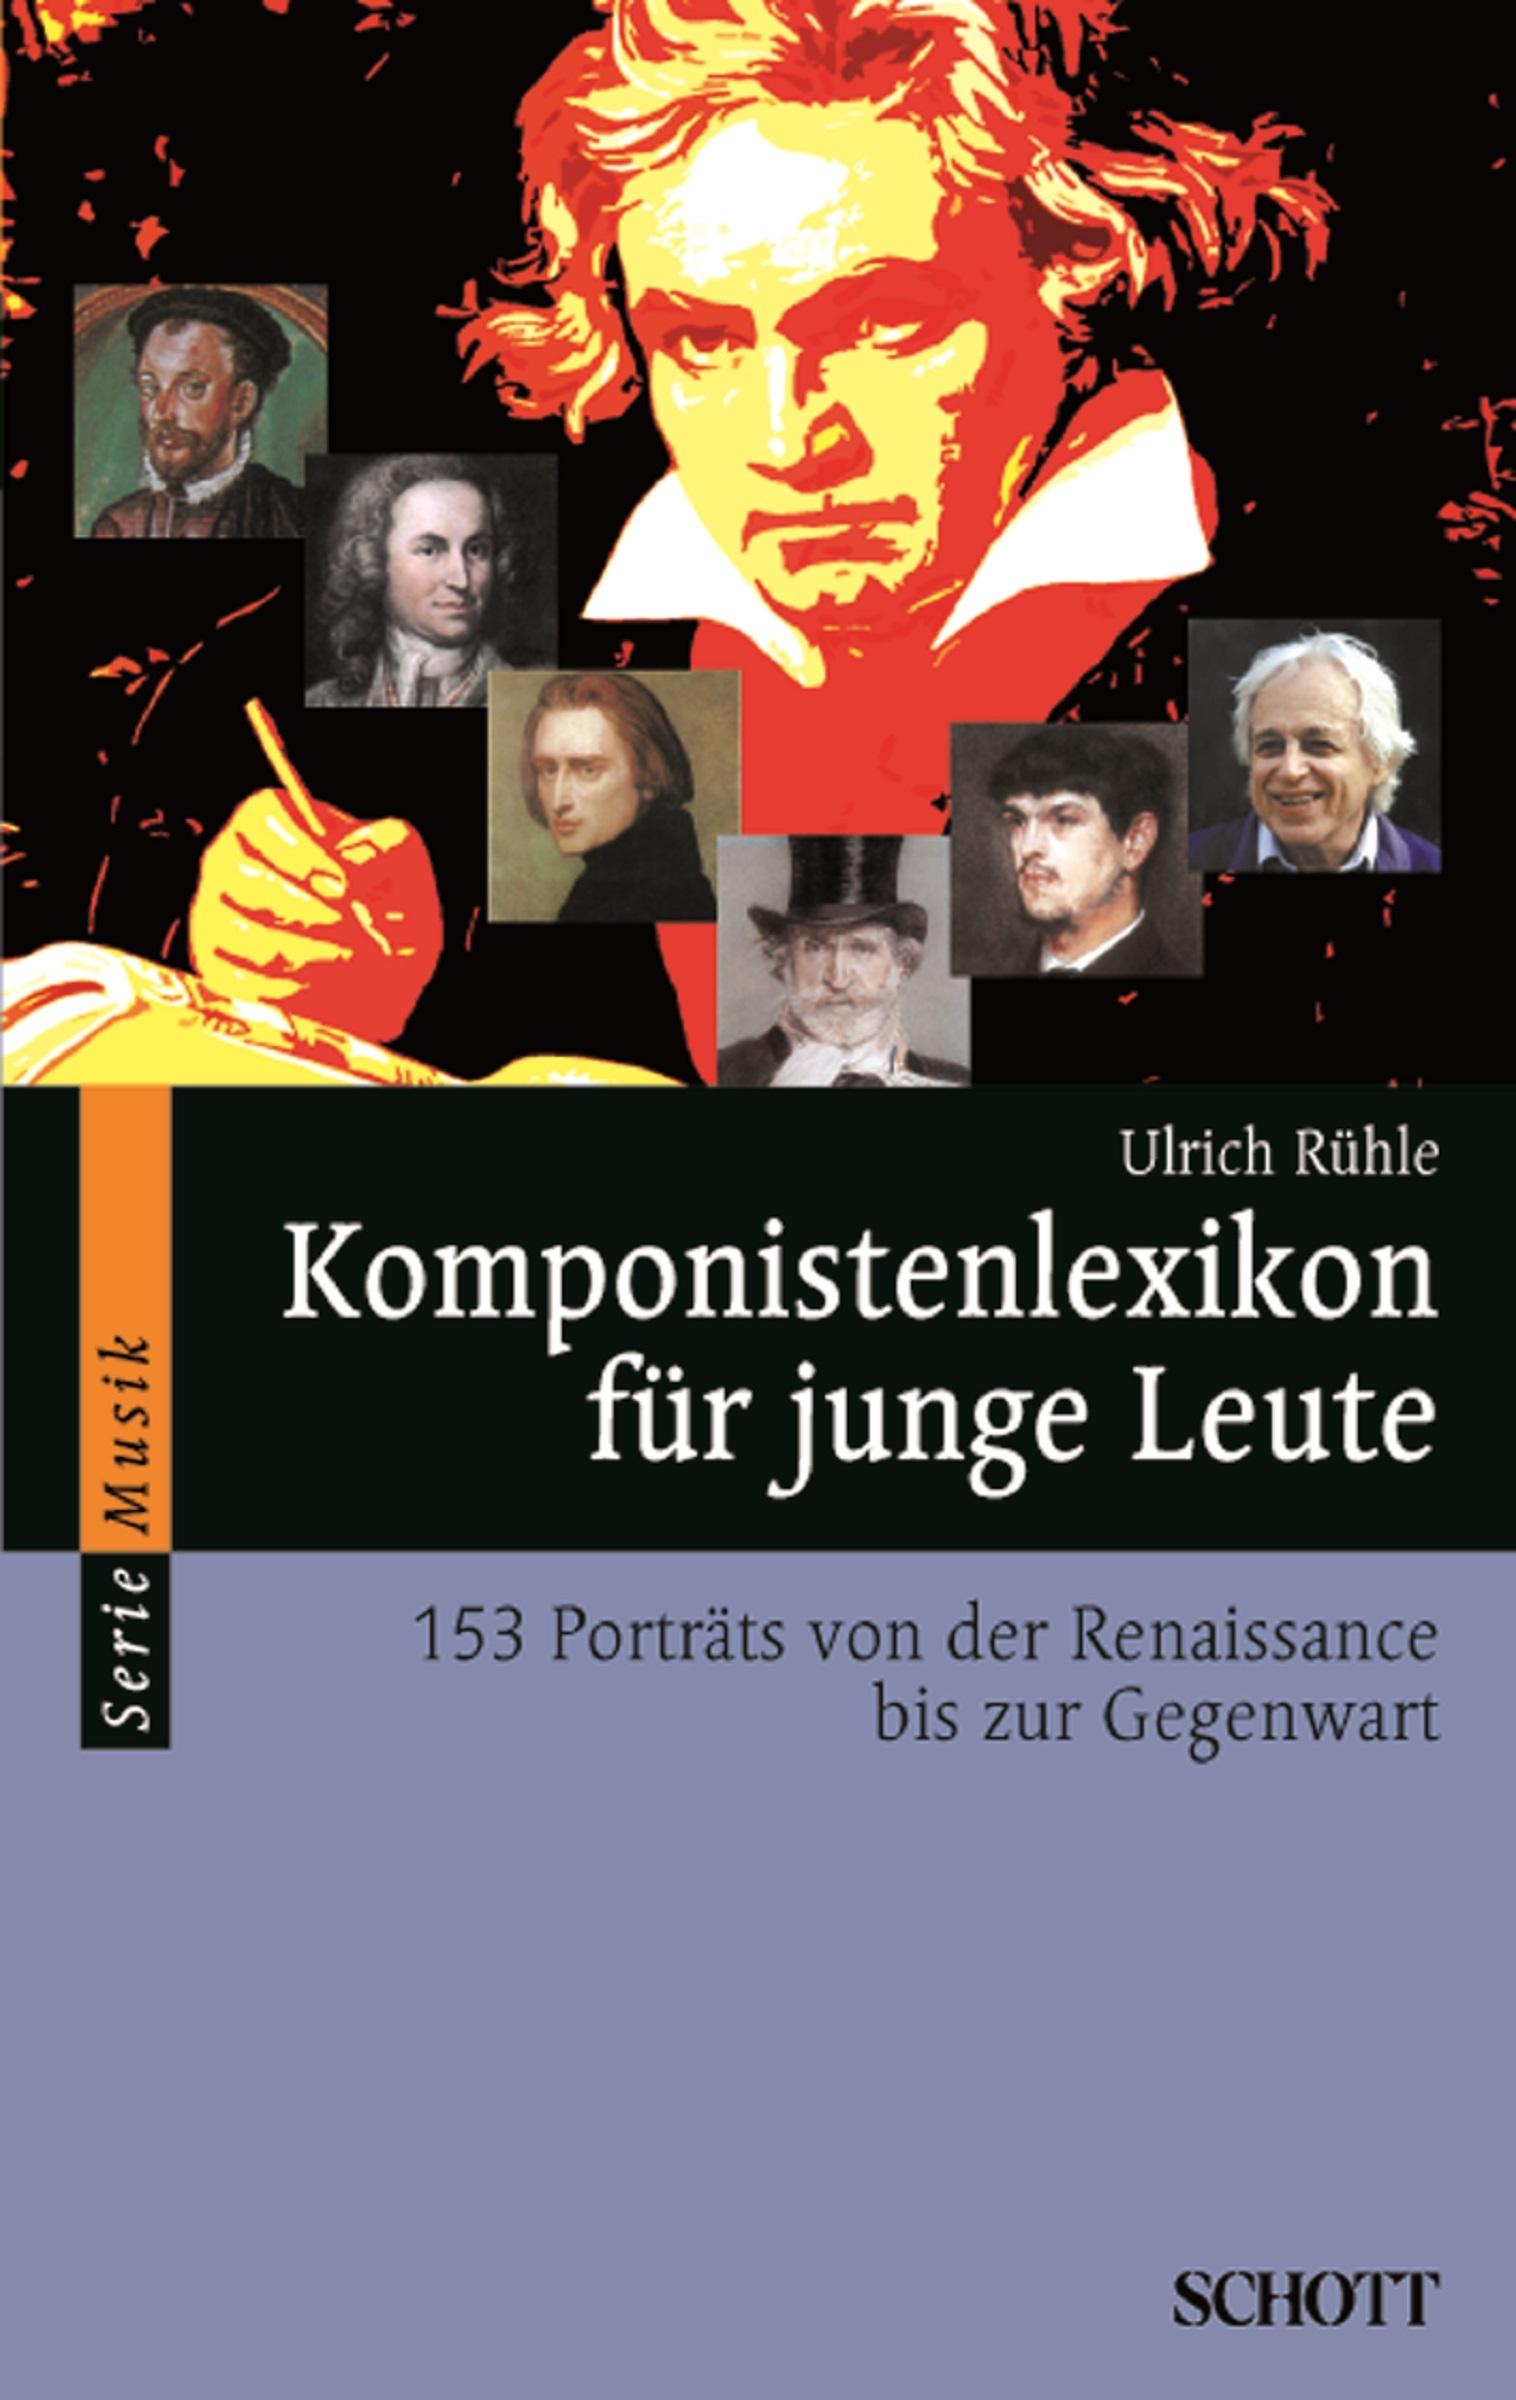 Ulrich Ruhle Komponistenlexikon für junge Leute kleider machen leute